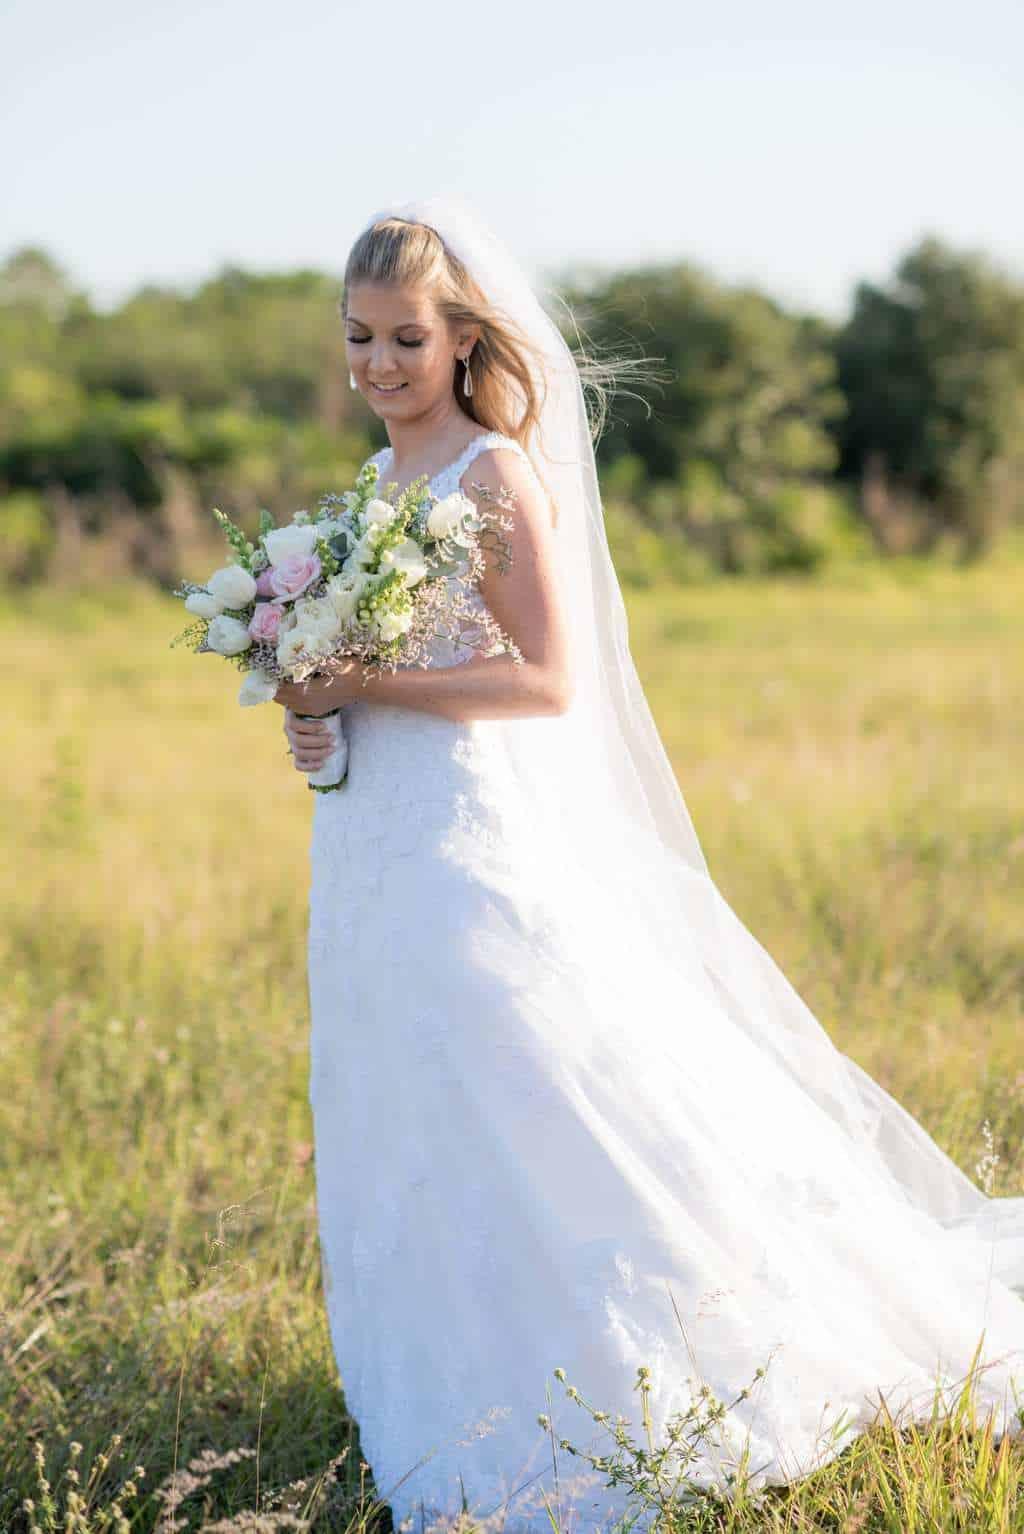 casamento-de-dia-casamento-Nicole-e-Thales-casamento-no-jardim-csasamento-ao-ar-livre-Fotografia-Marina-Fava-Galeria-Jardim-Rio-de-Janeiro-60